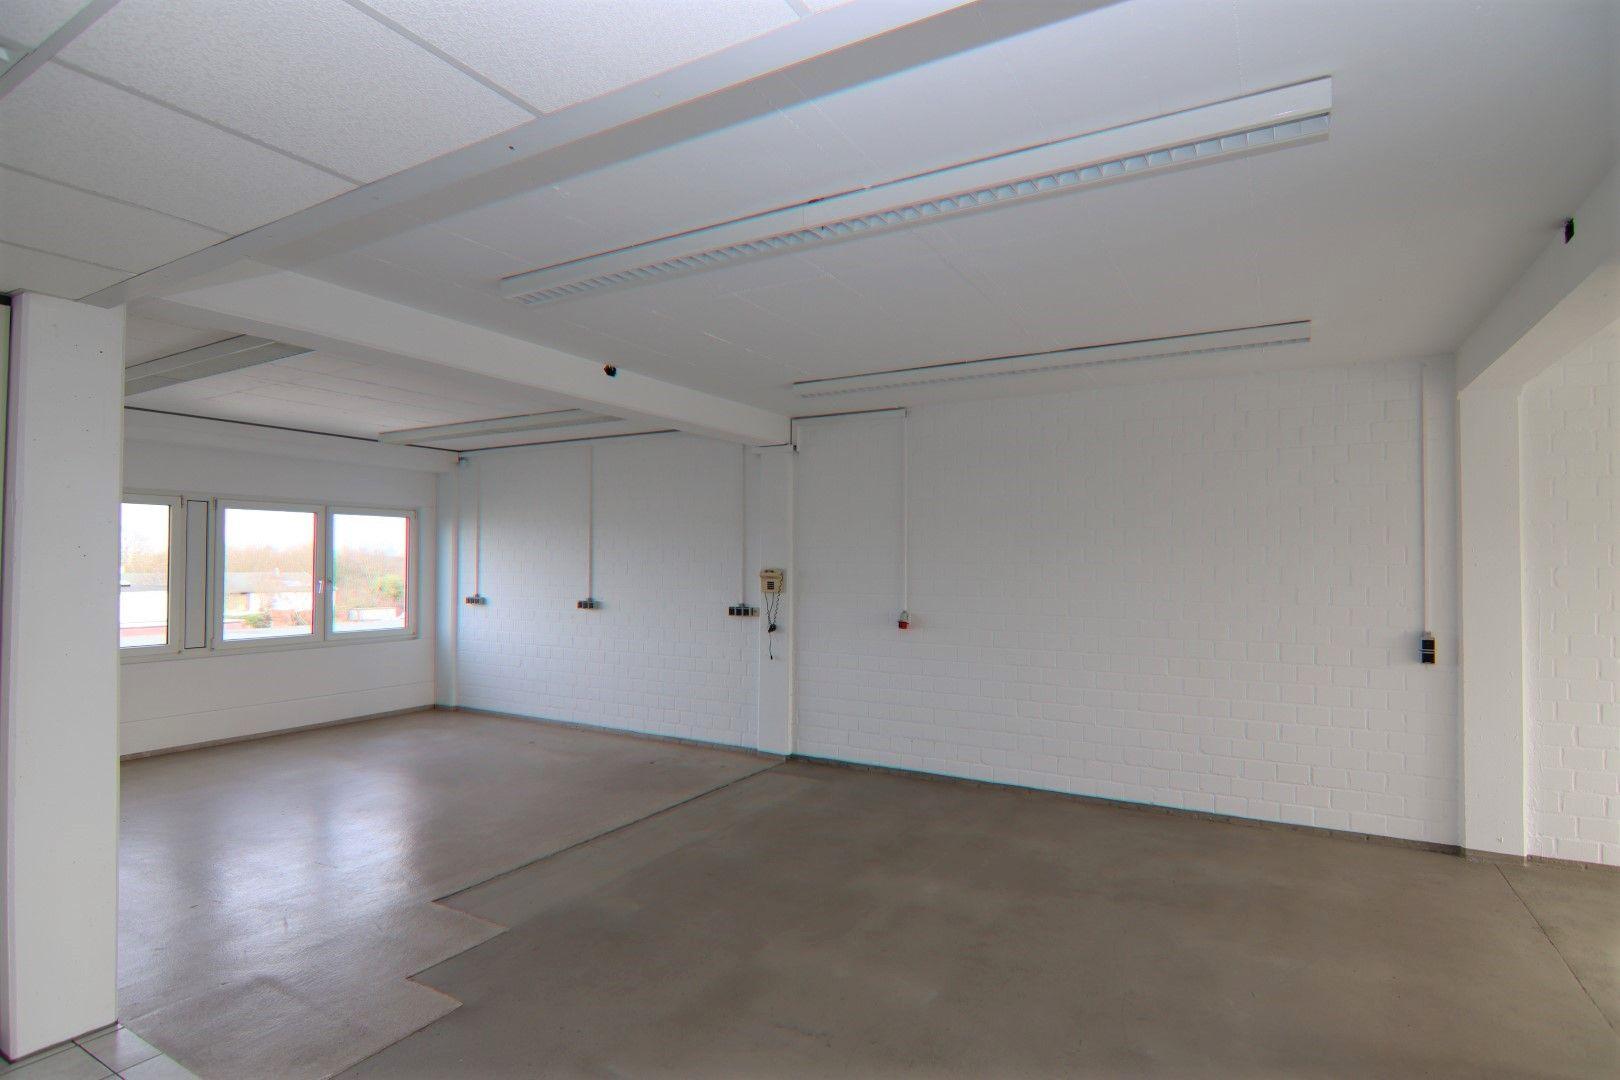 Immobilie Nr.0295 - Bürofläche mit WC-Anlage, Küche u. Aufzug - Bild 4.jpg